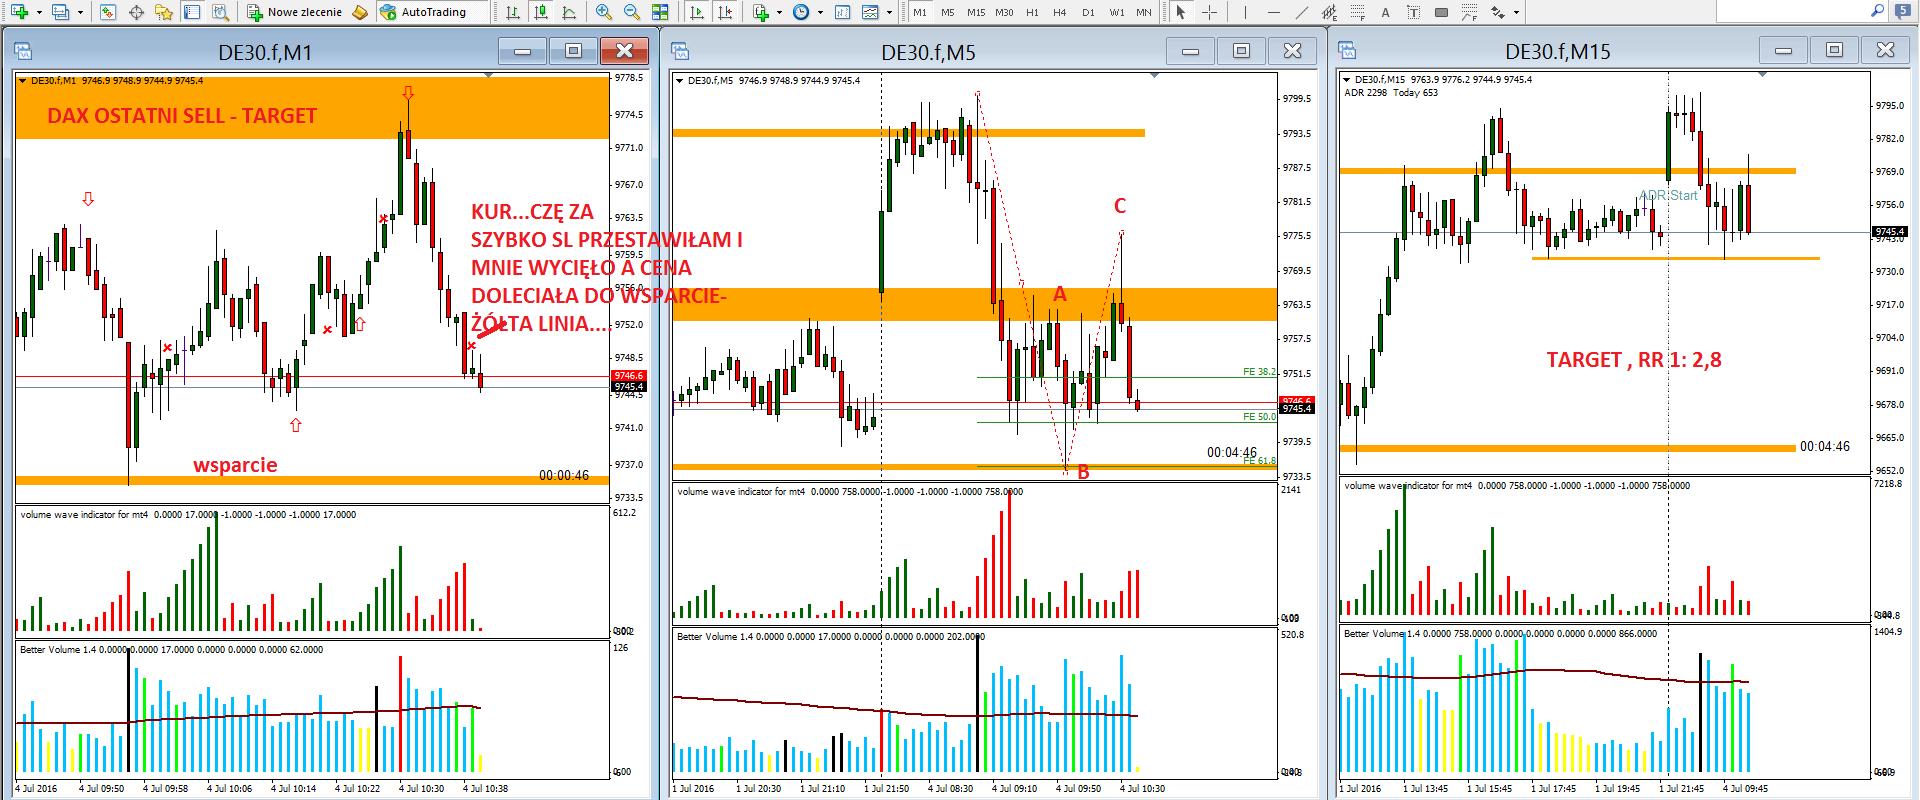 16-forex-skuteczna strategia-myforex-trader-trading-waluty-dax-prosta strategia tradingowa-broker-sukces-wolumen-vsa-świec japońskie-formacje świecowe-poziomy fibo-scalping